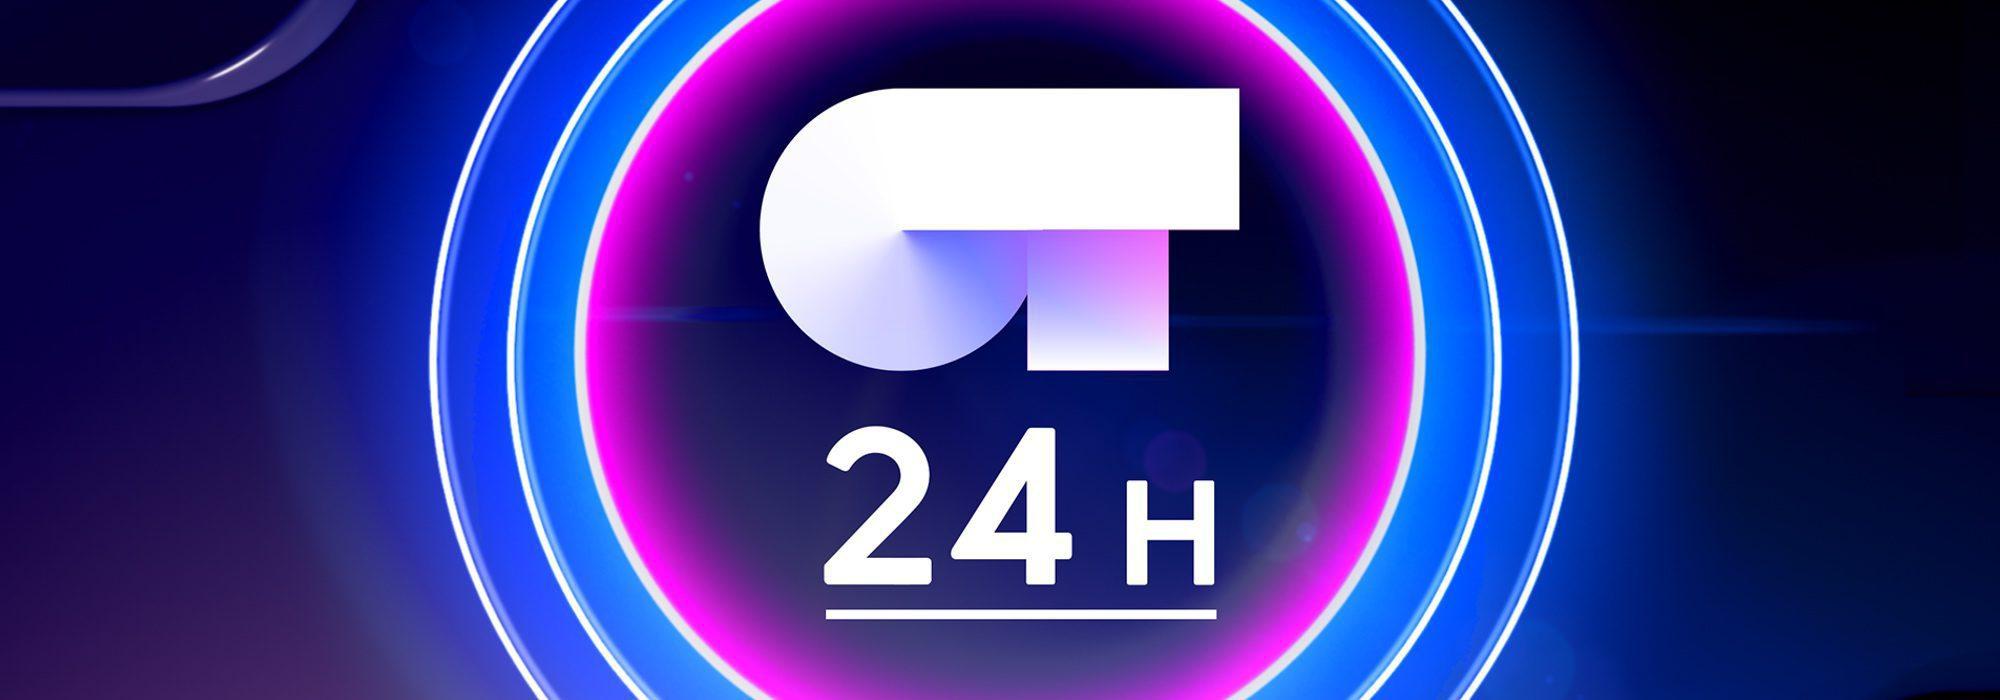 Ver en directo el canal 24 horas 'OT 2017'